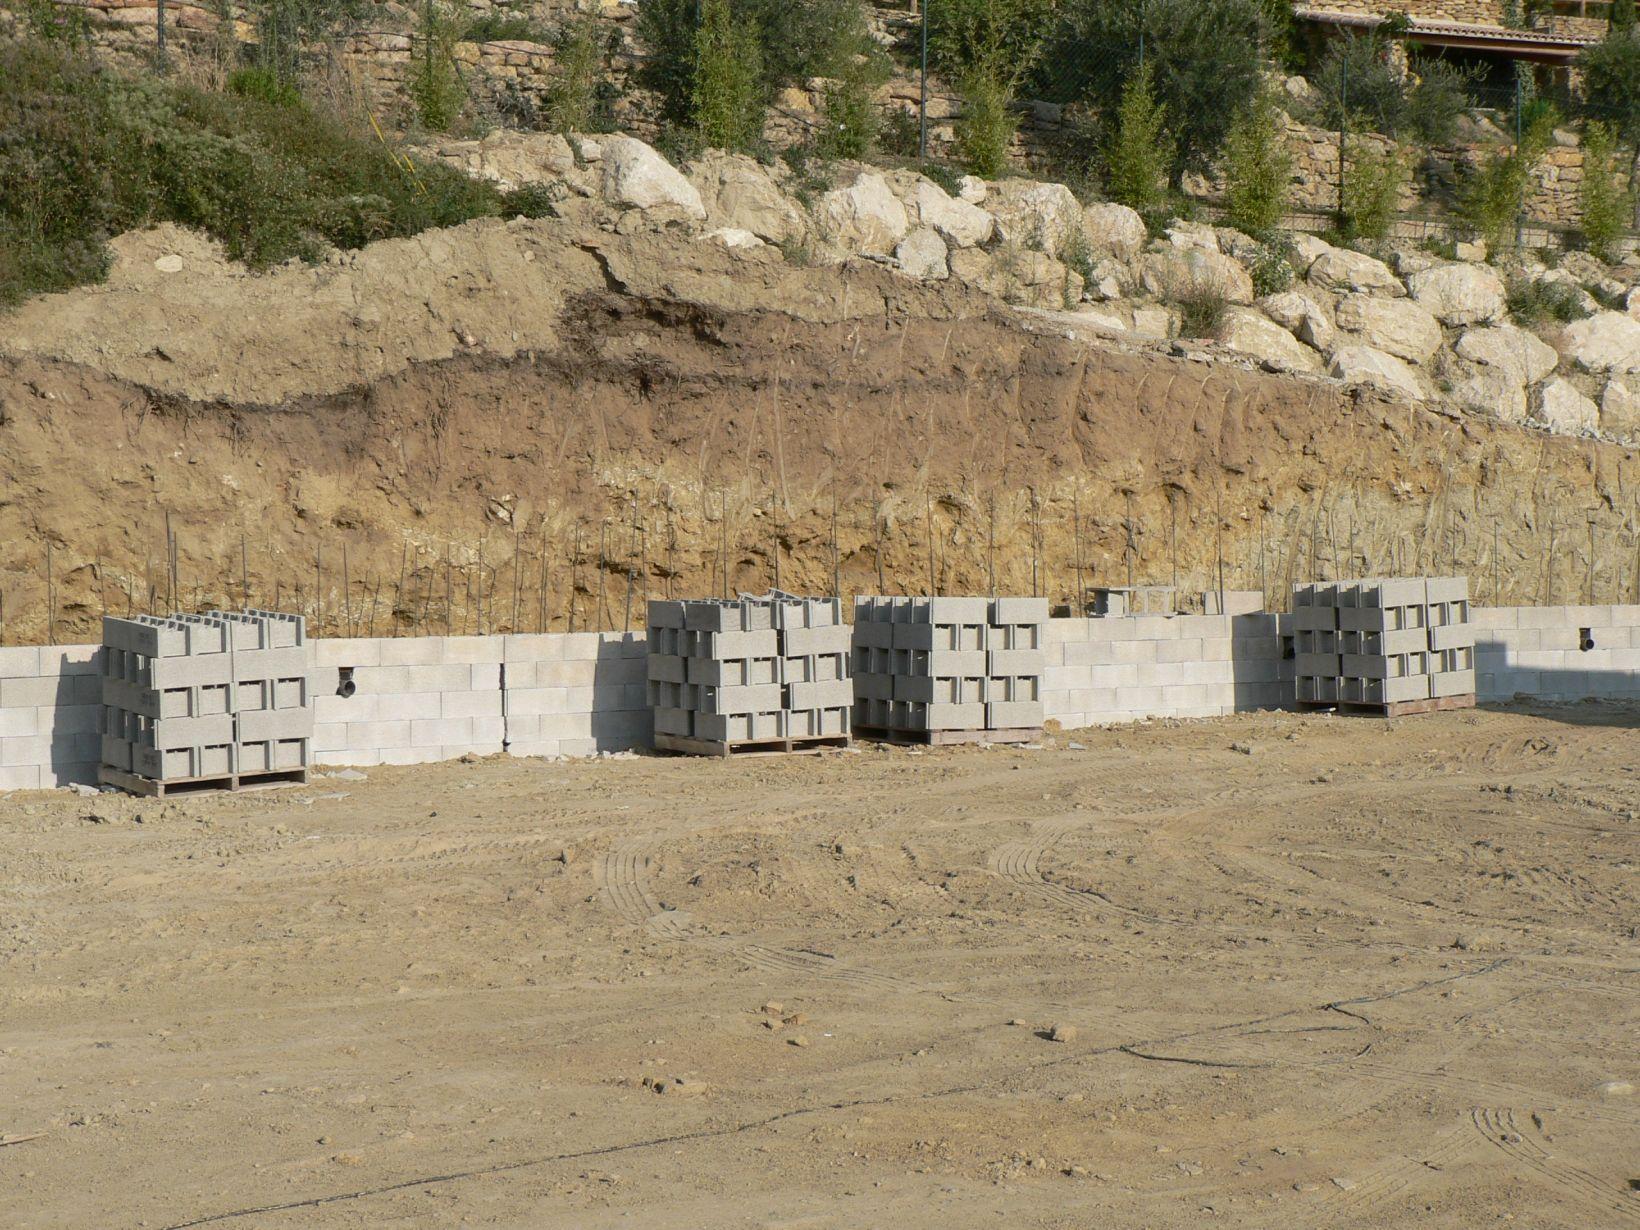 terrassement des fondations pour la cr ation d un mur de sout nement en agglo banch. Black Bedroom Furniture Sets. Home Design Ideas